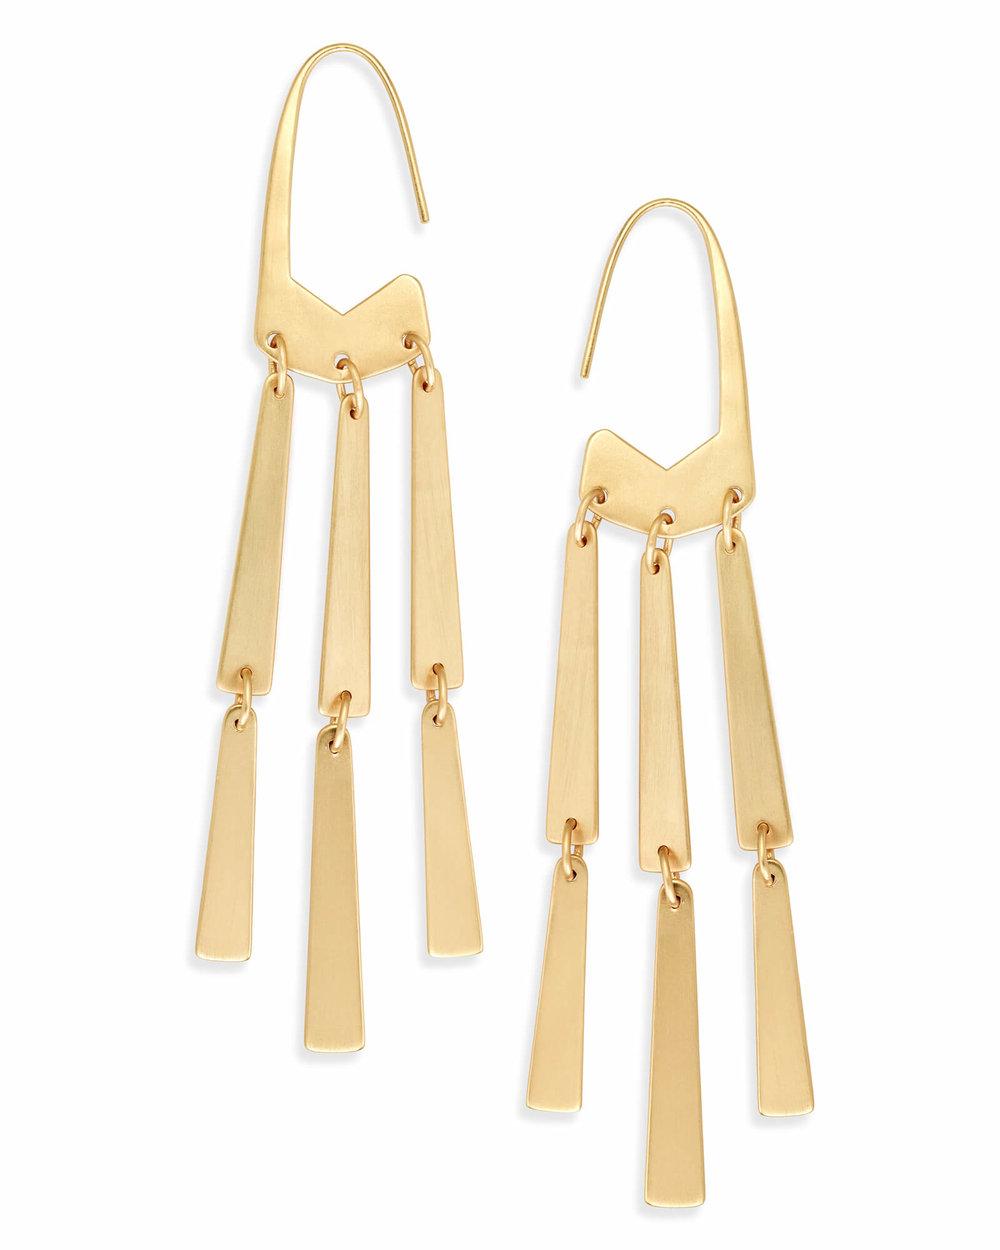 kendra-scott-mallie-statement-earrings-in-gold_00_default_lg.jpg